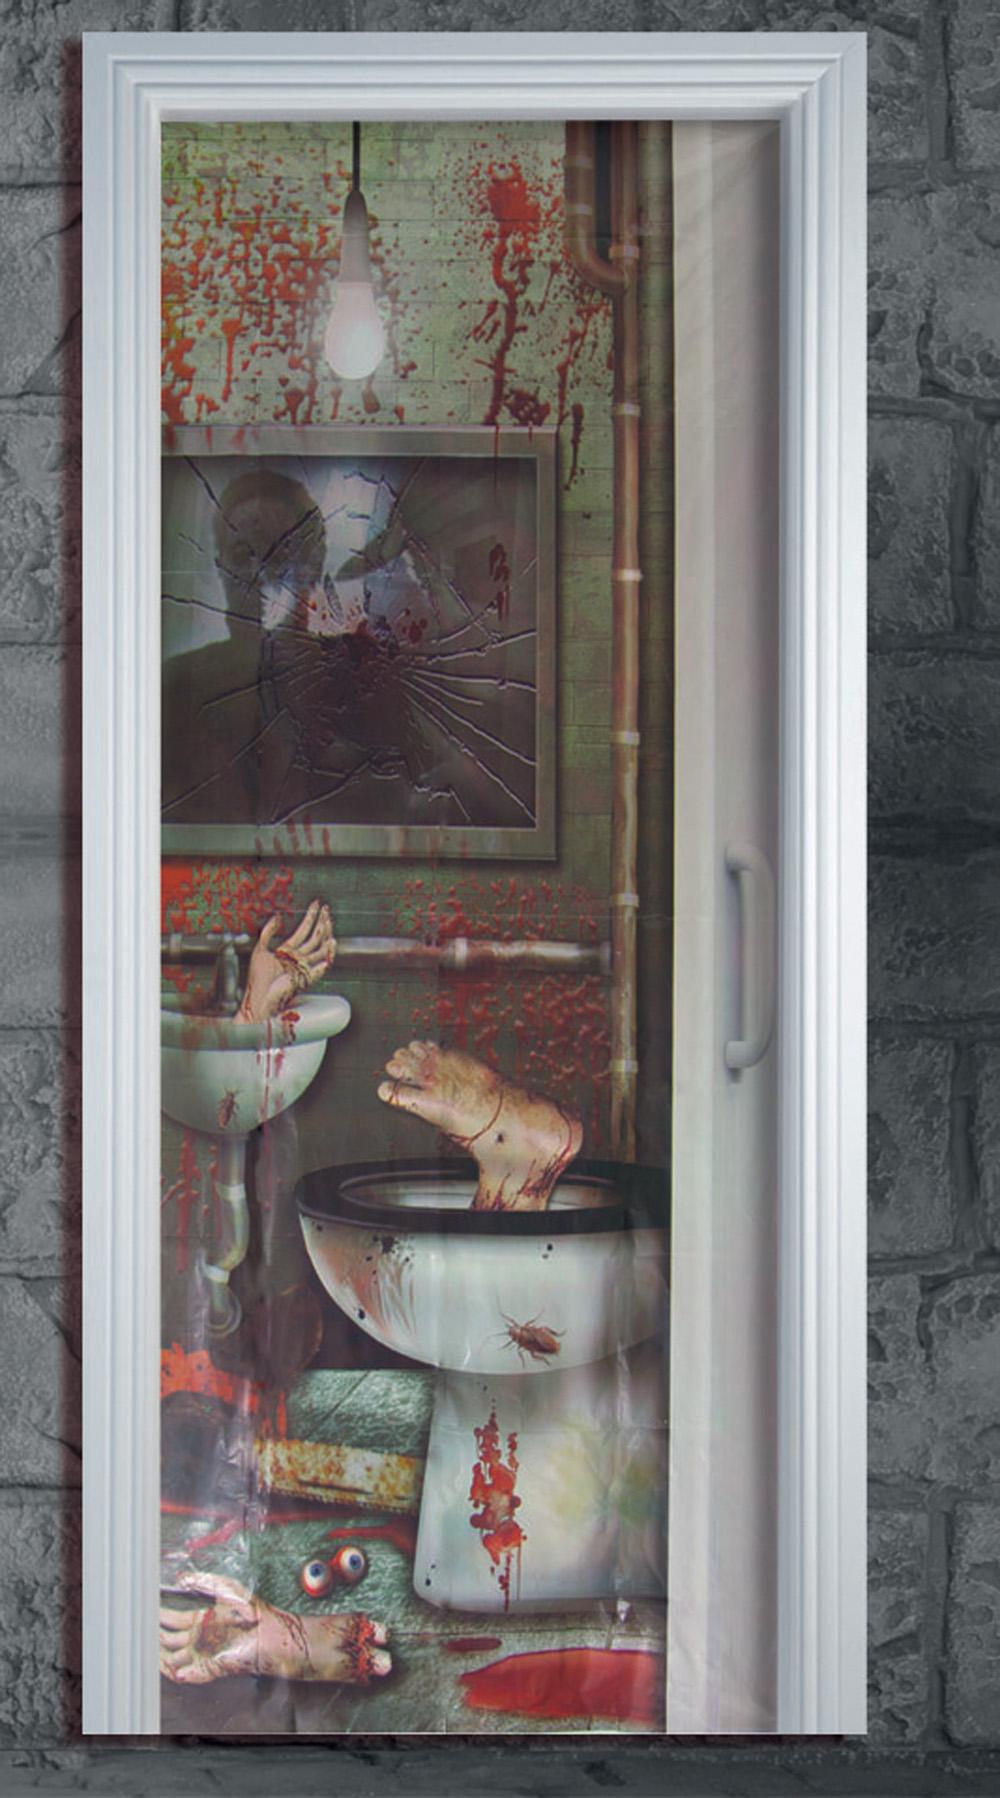 Affichage Salle De Bain ~ Halloween Salle De Bain Wc Affiche Porte D Coration Pour F Te